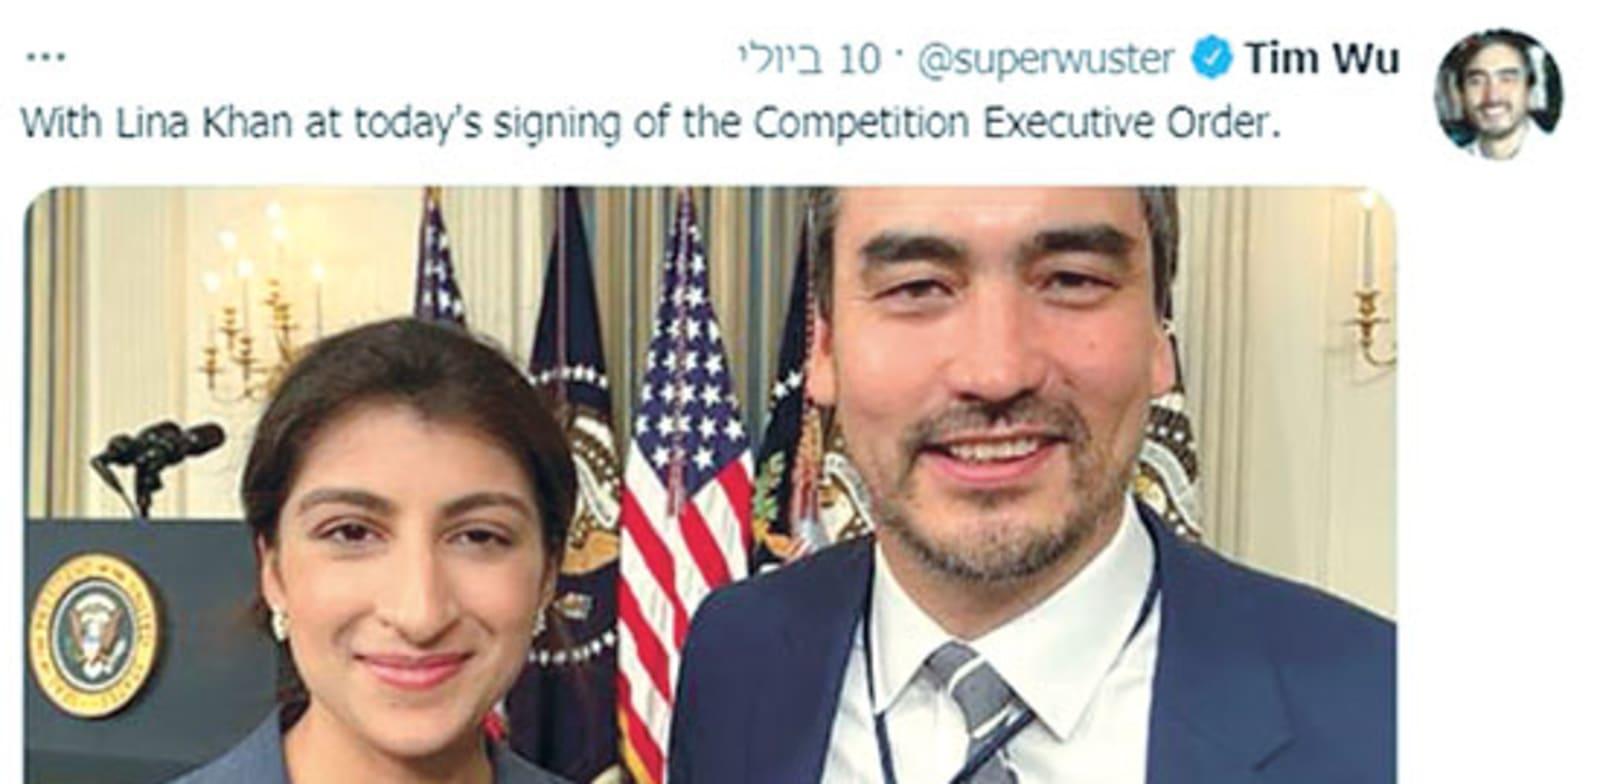 """סלפי של היועץ המיוחד של הנשיא לתחרות וטכנולוגיה, טים וו, ויו""""ר ה־FTC, לינה קאן, בטקס החתימה על הצו הנשיאותי"""